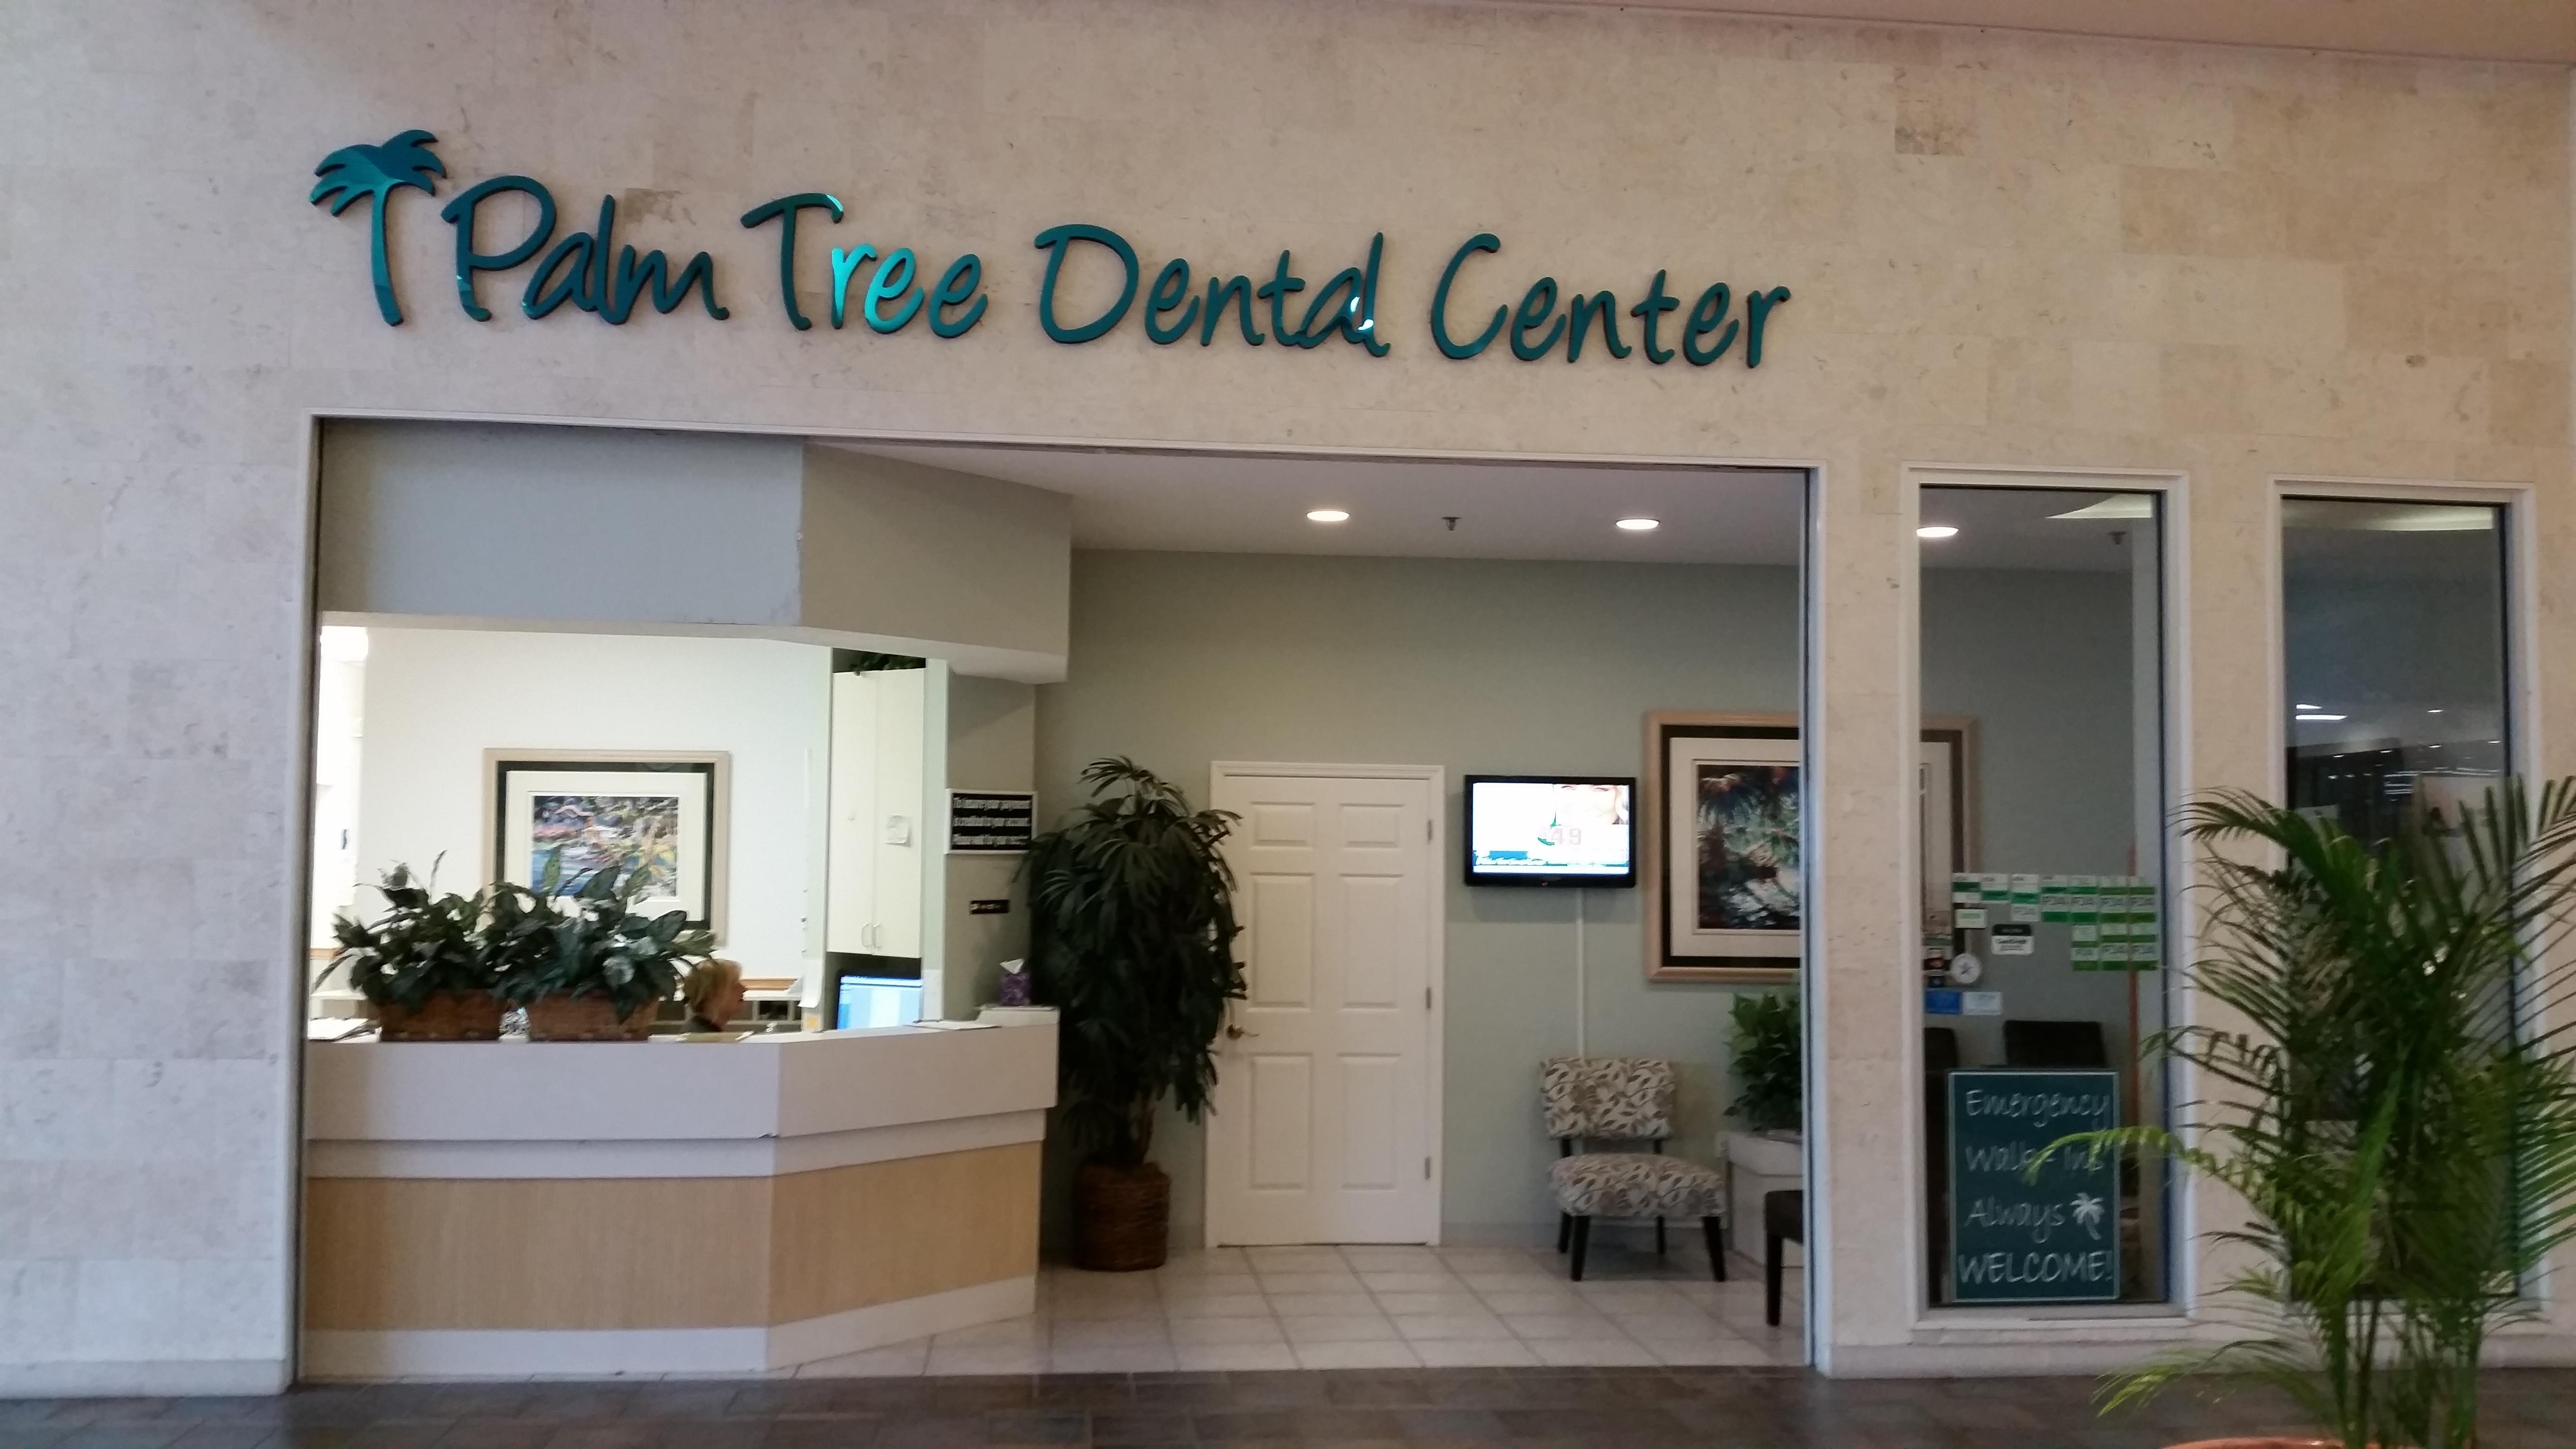 Palm Tree Dental Center 6200 20th St Ste 292 Vero Beach